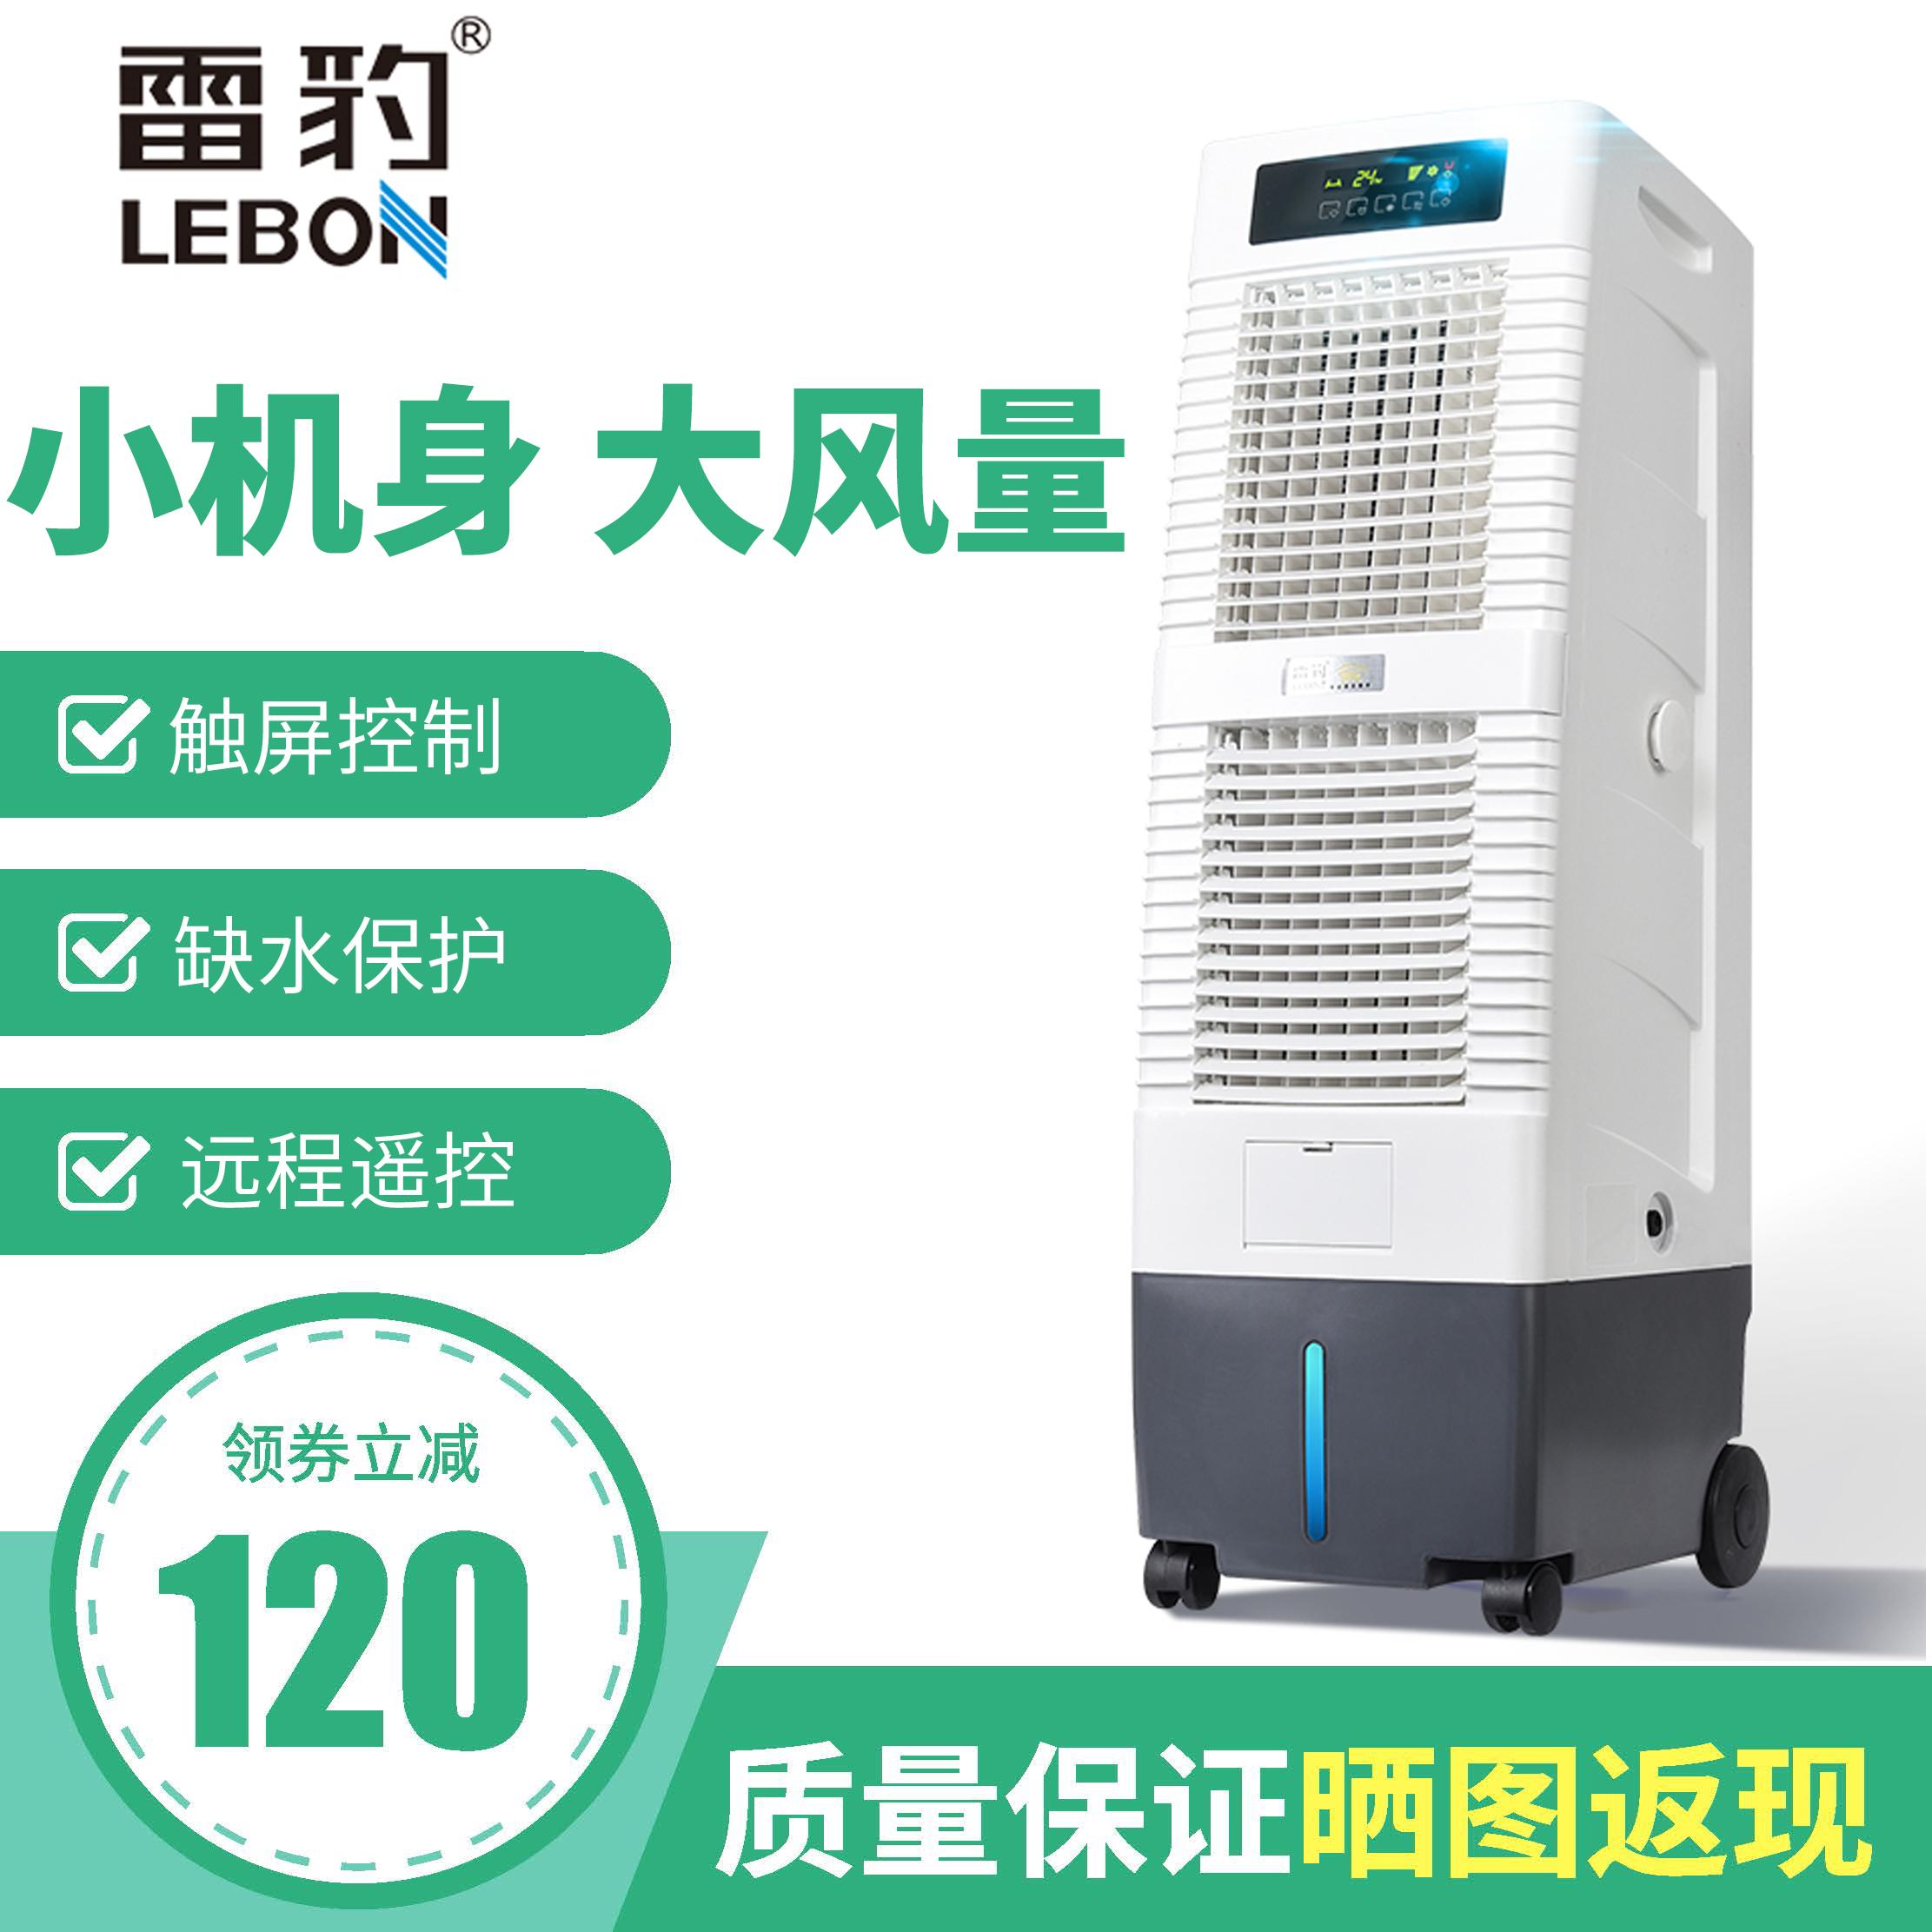 雷豹mbc2000移动水冷家用单冷风机